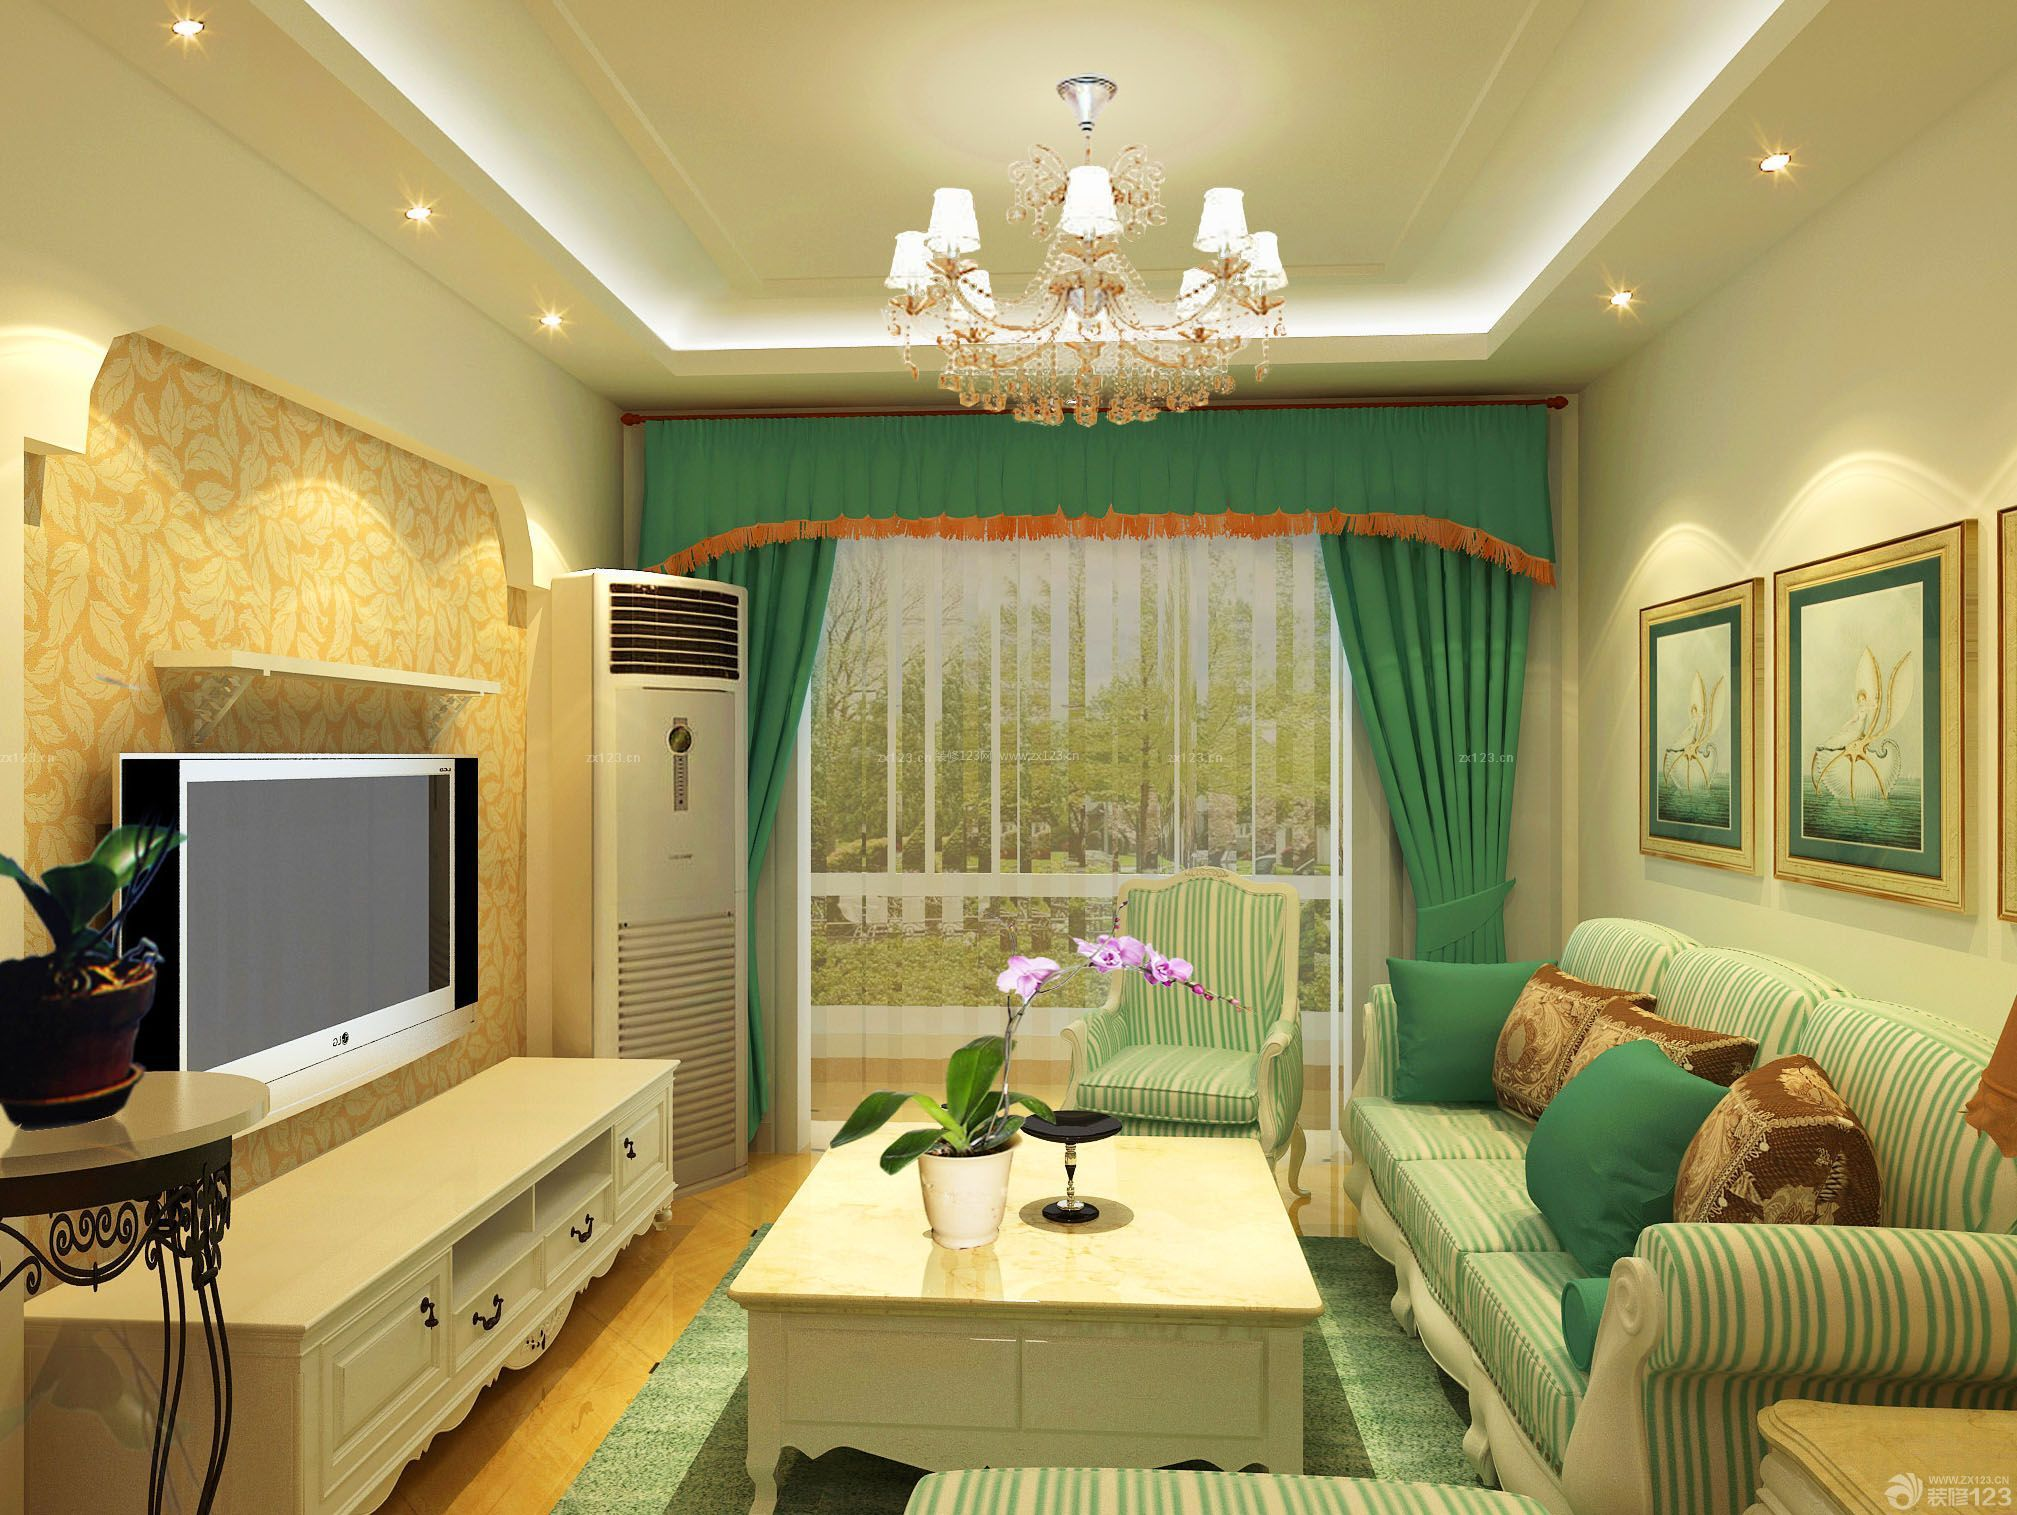 家装效果图 田园 田园风格80平两室一厅装修图大全 提供者